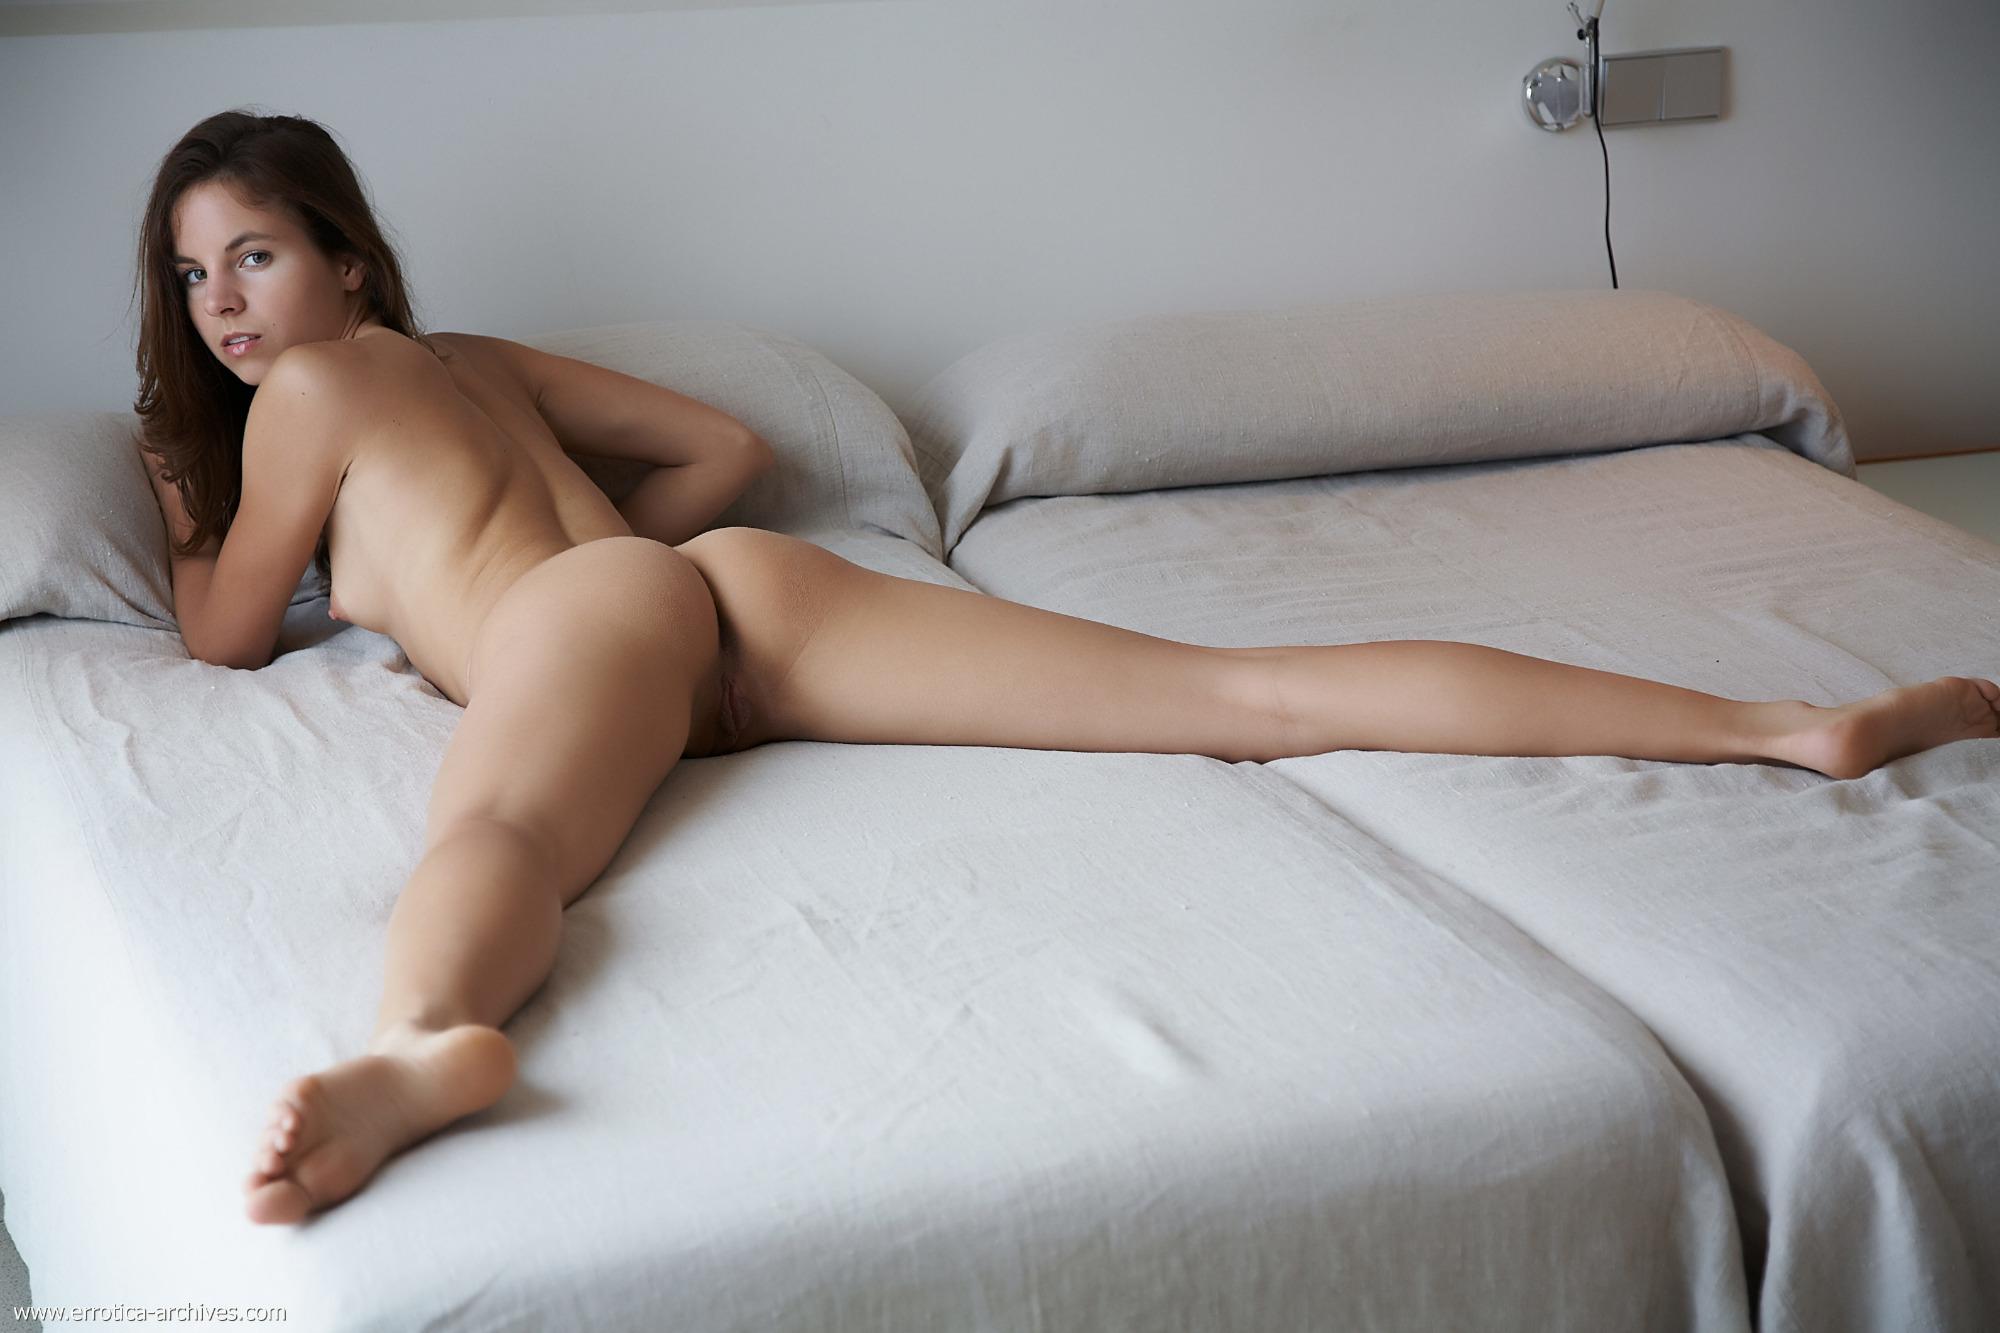 голая женщина лежит на животе